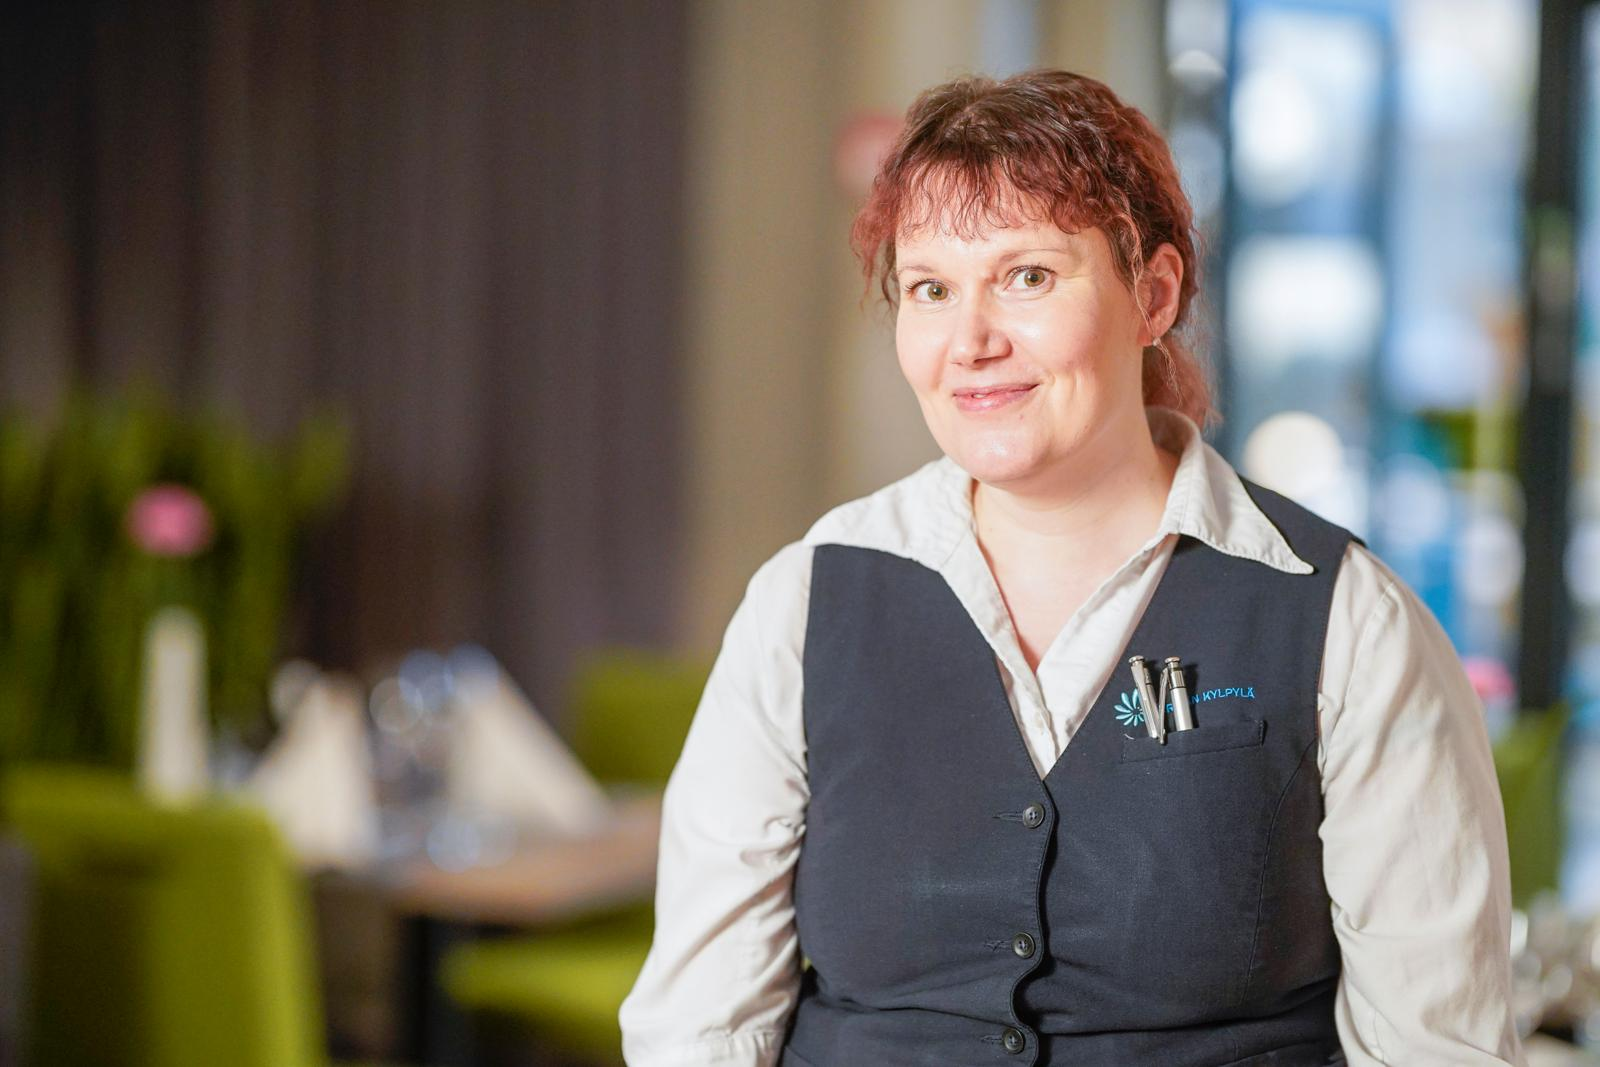 Sonja Hollanti tekee usein kaksi vuoroa peräjälkeen. Vuorojen välisellä tauolla hän saattaa ottaa päiväunet tai tehdä hikitreenin kännykän urheilusovelluksen avulla. Kuva: Timo Aalto